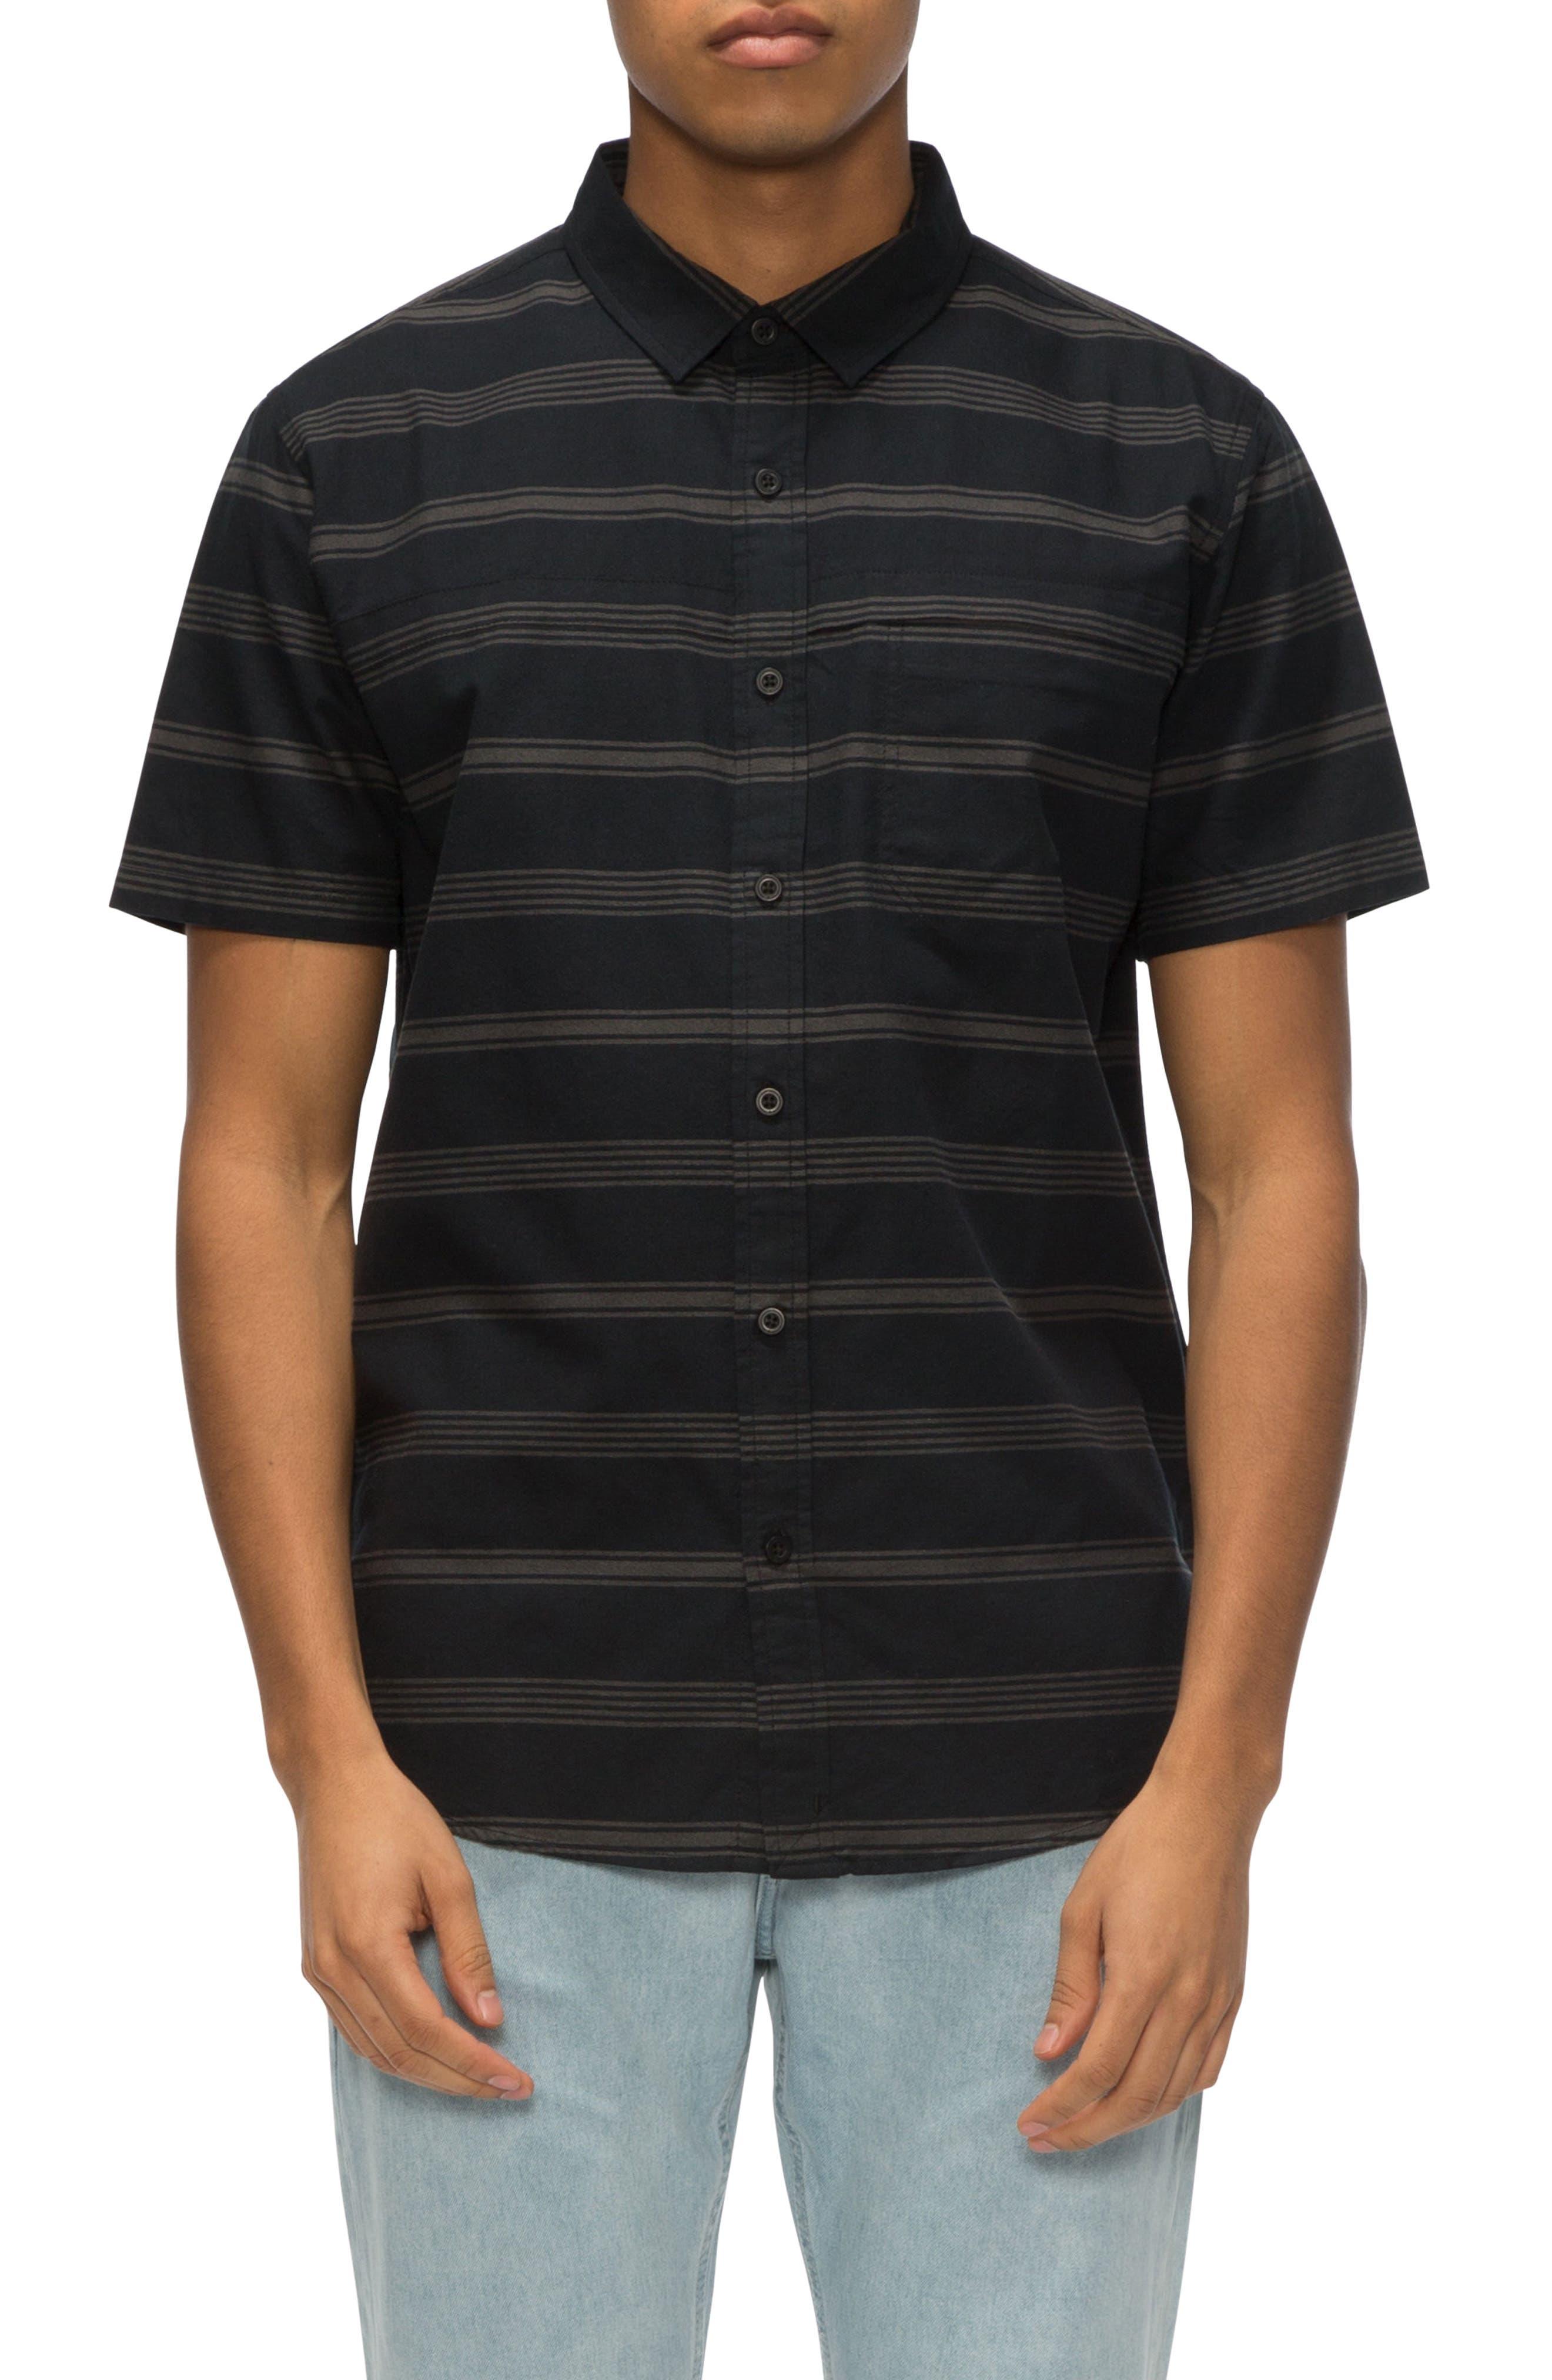 Shin Stripe Shirt,                         Main,                         color, Black/ Raven Stripe